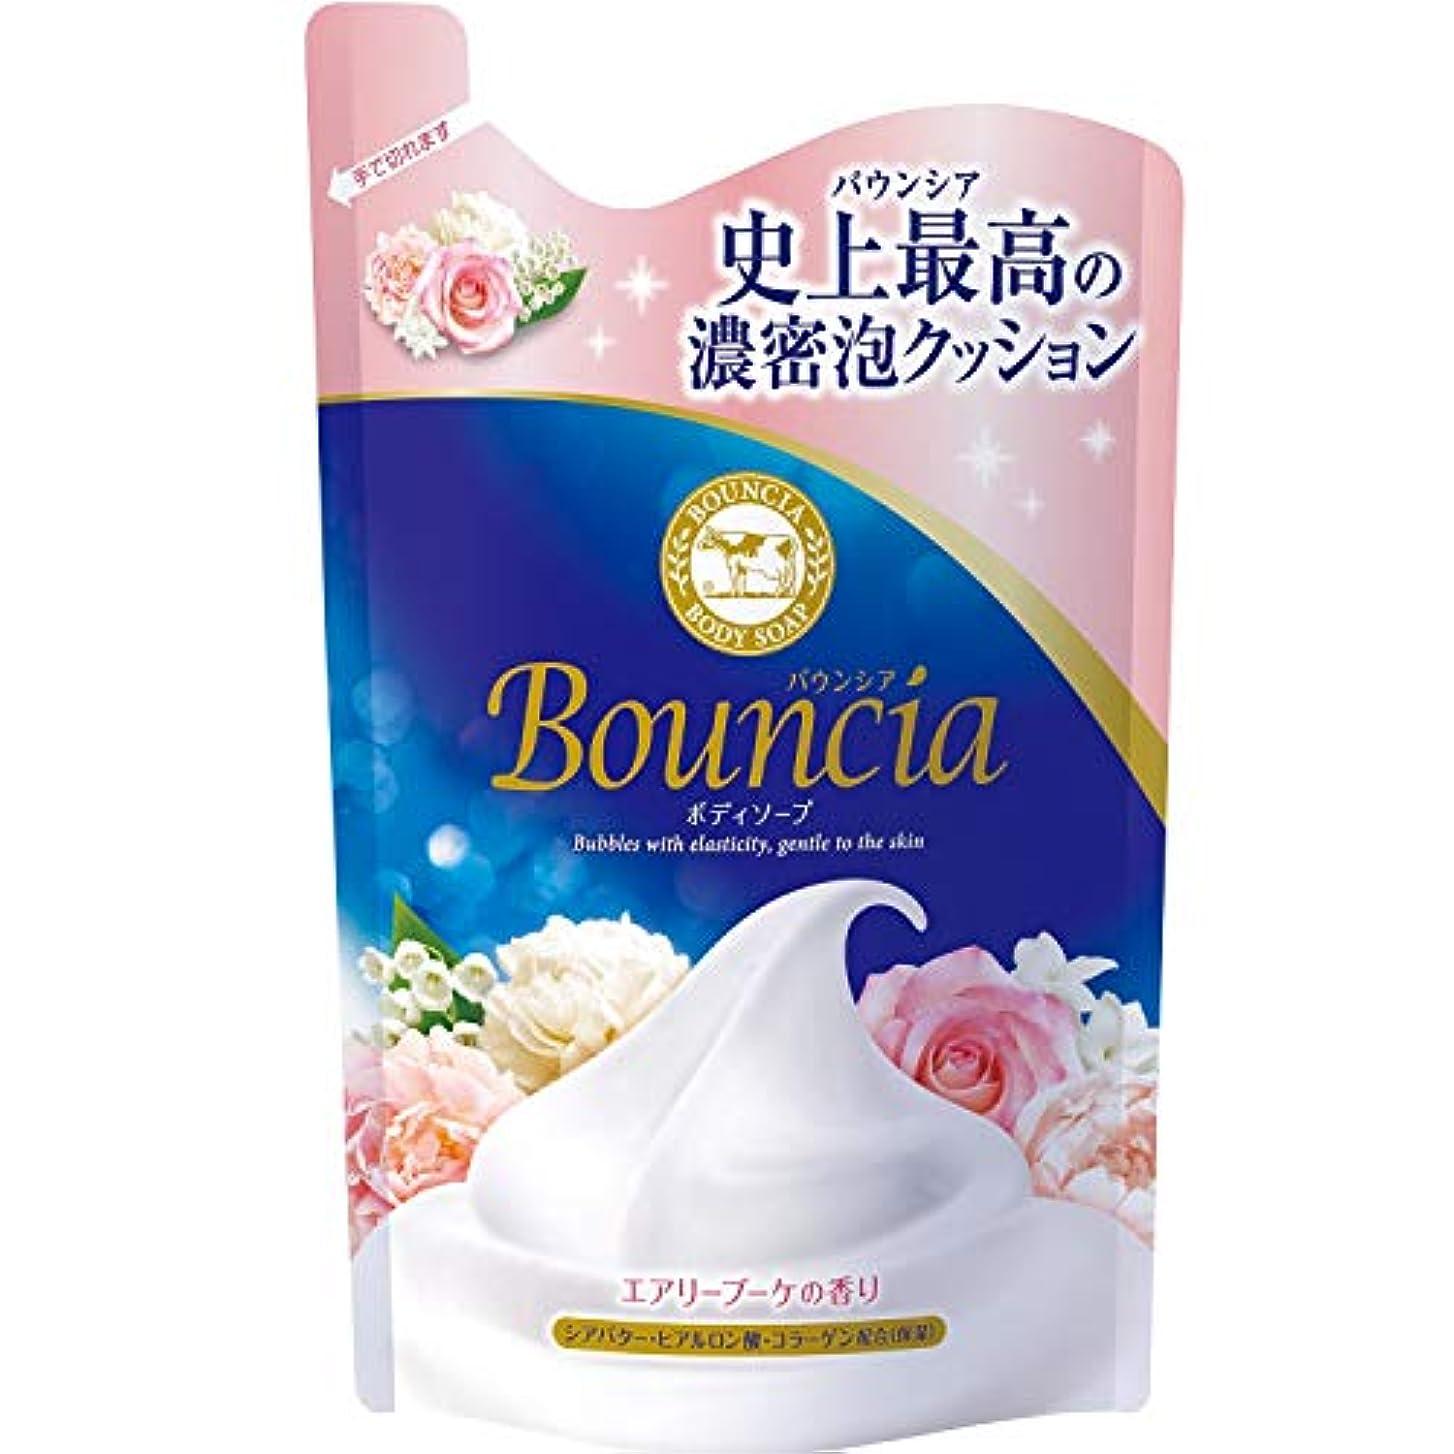 種尋ねるマークダウンバウンシア ボディソープ エアリーブーケの香り 詰替 400mL